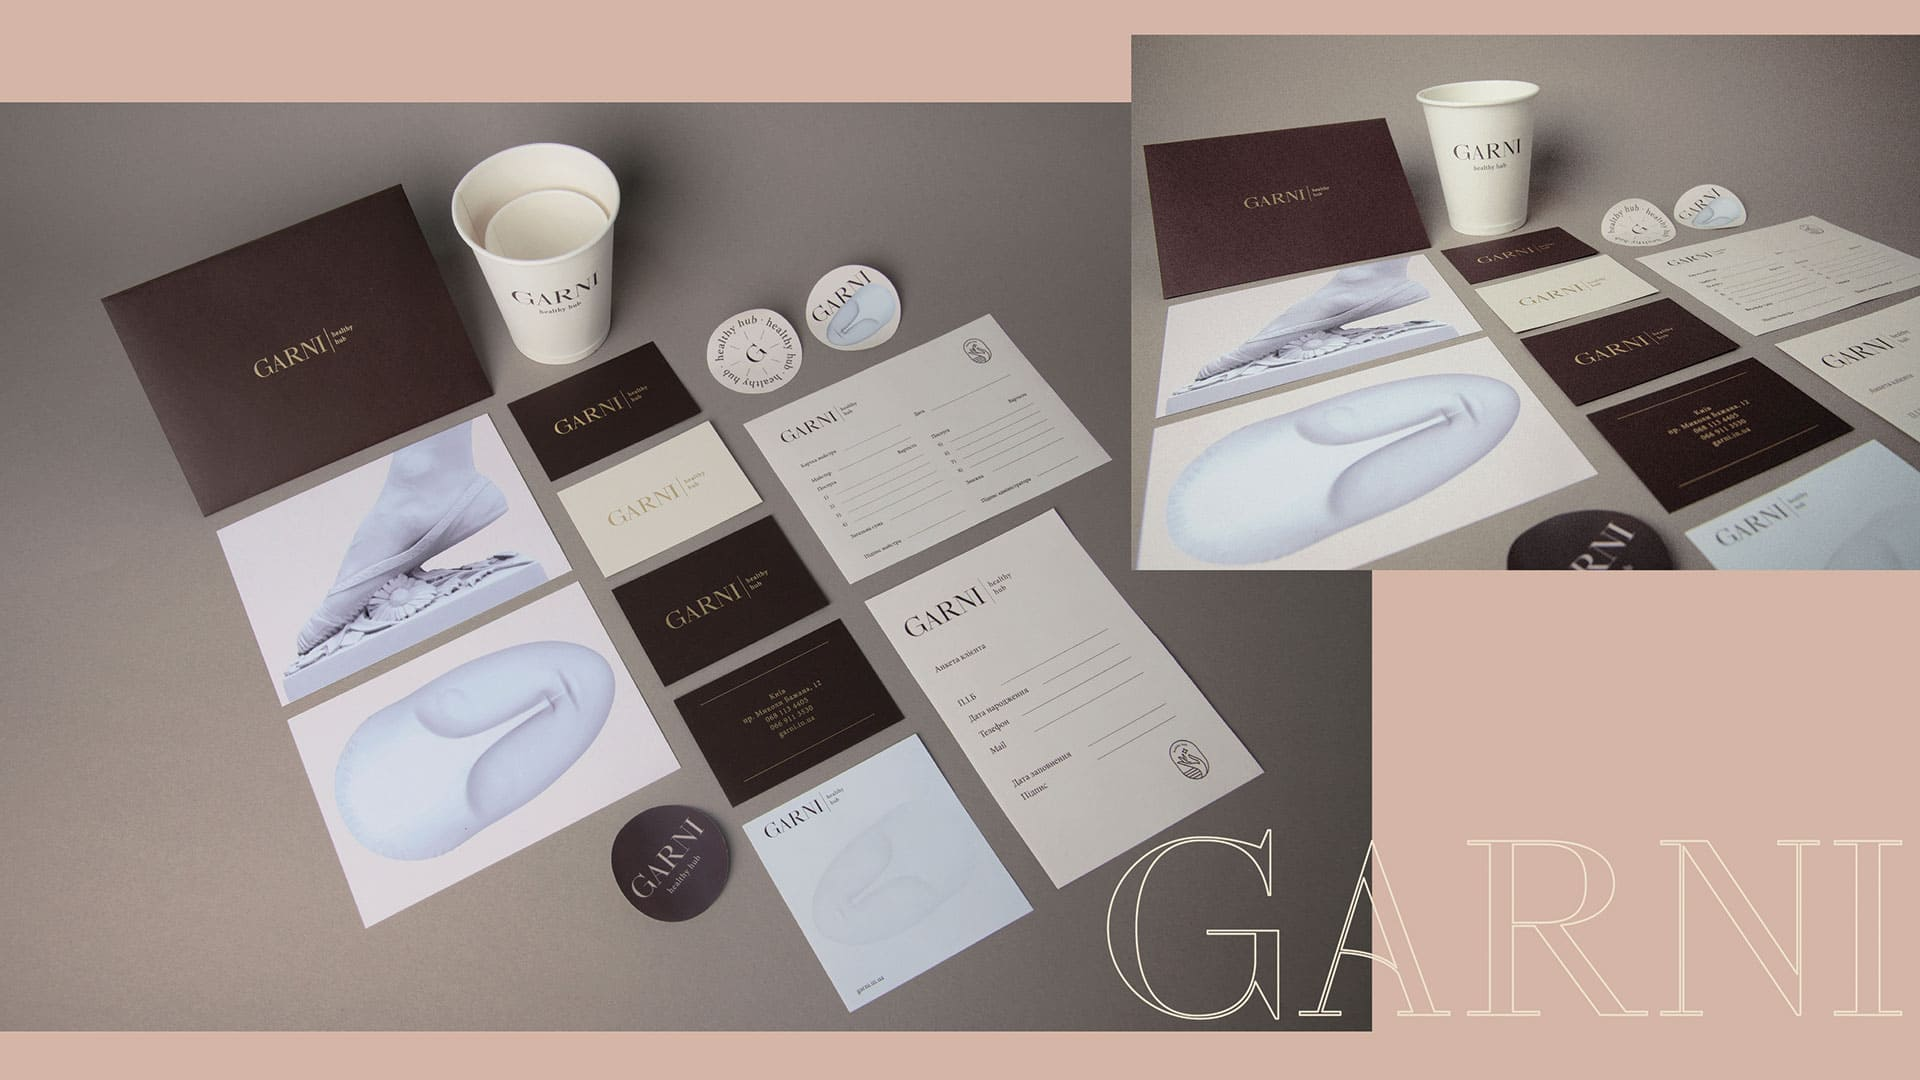 gra brand design garni 2